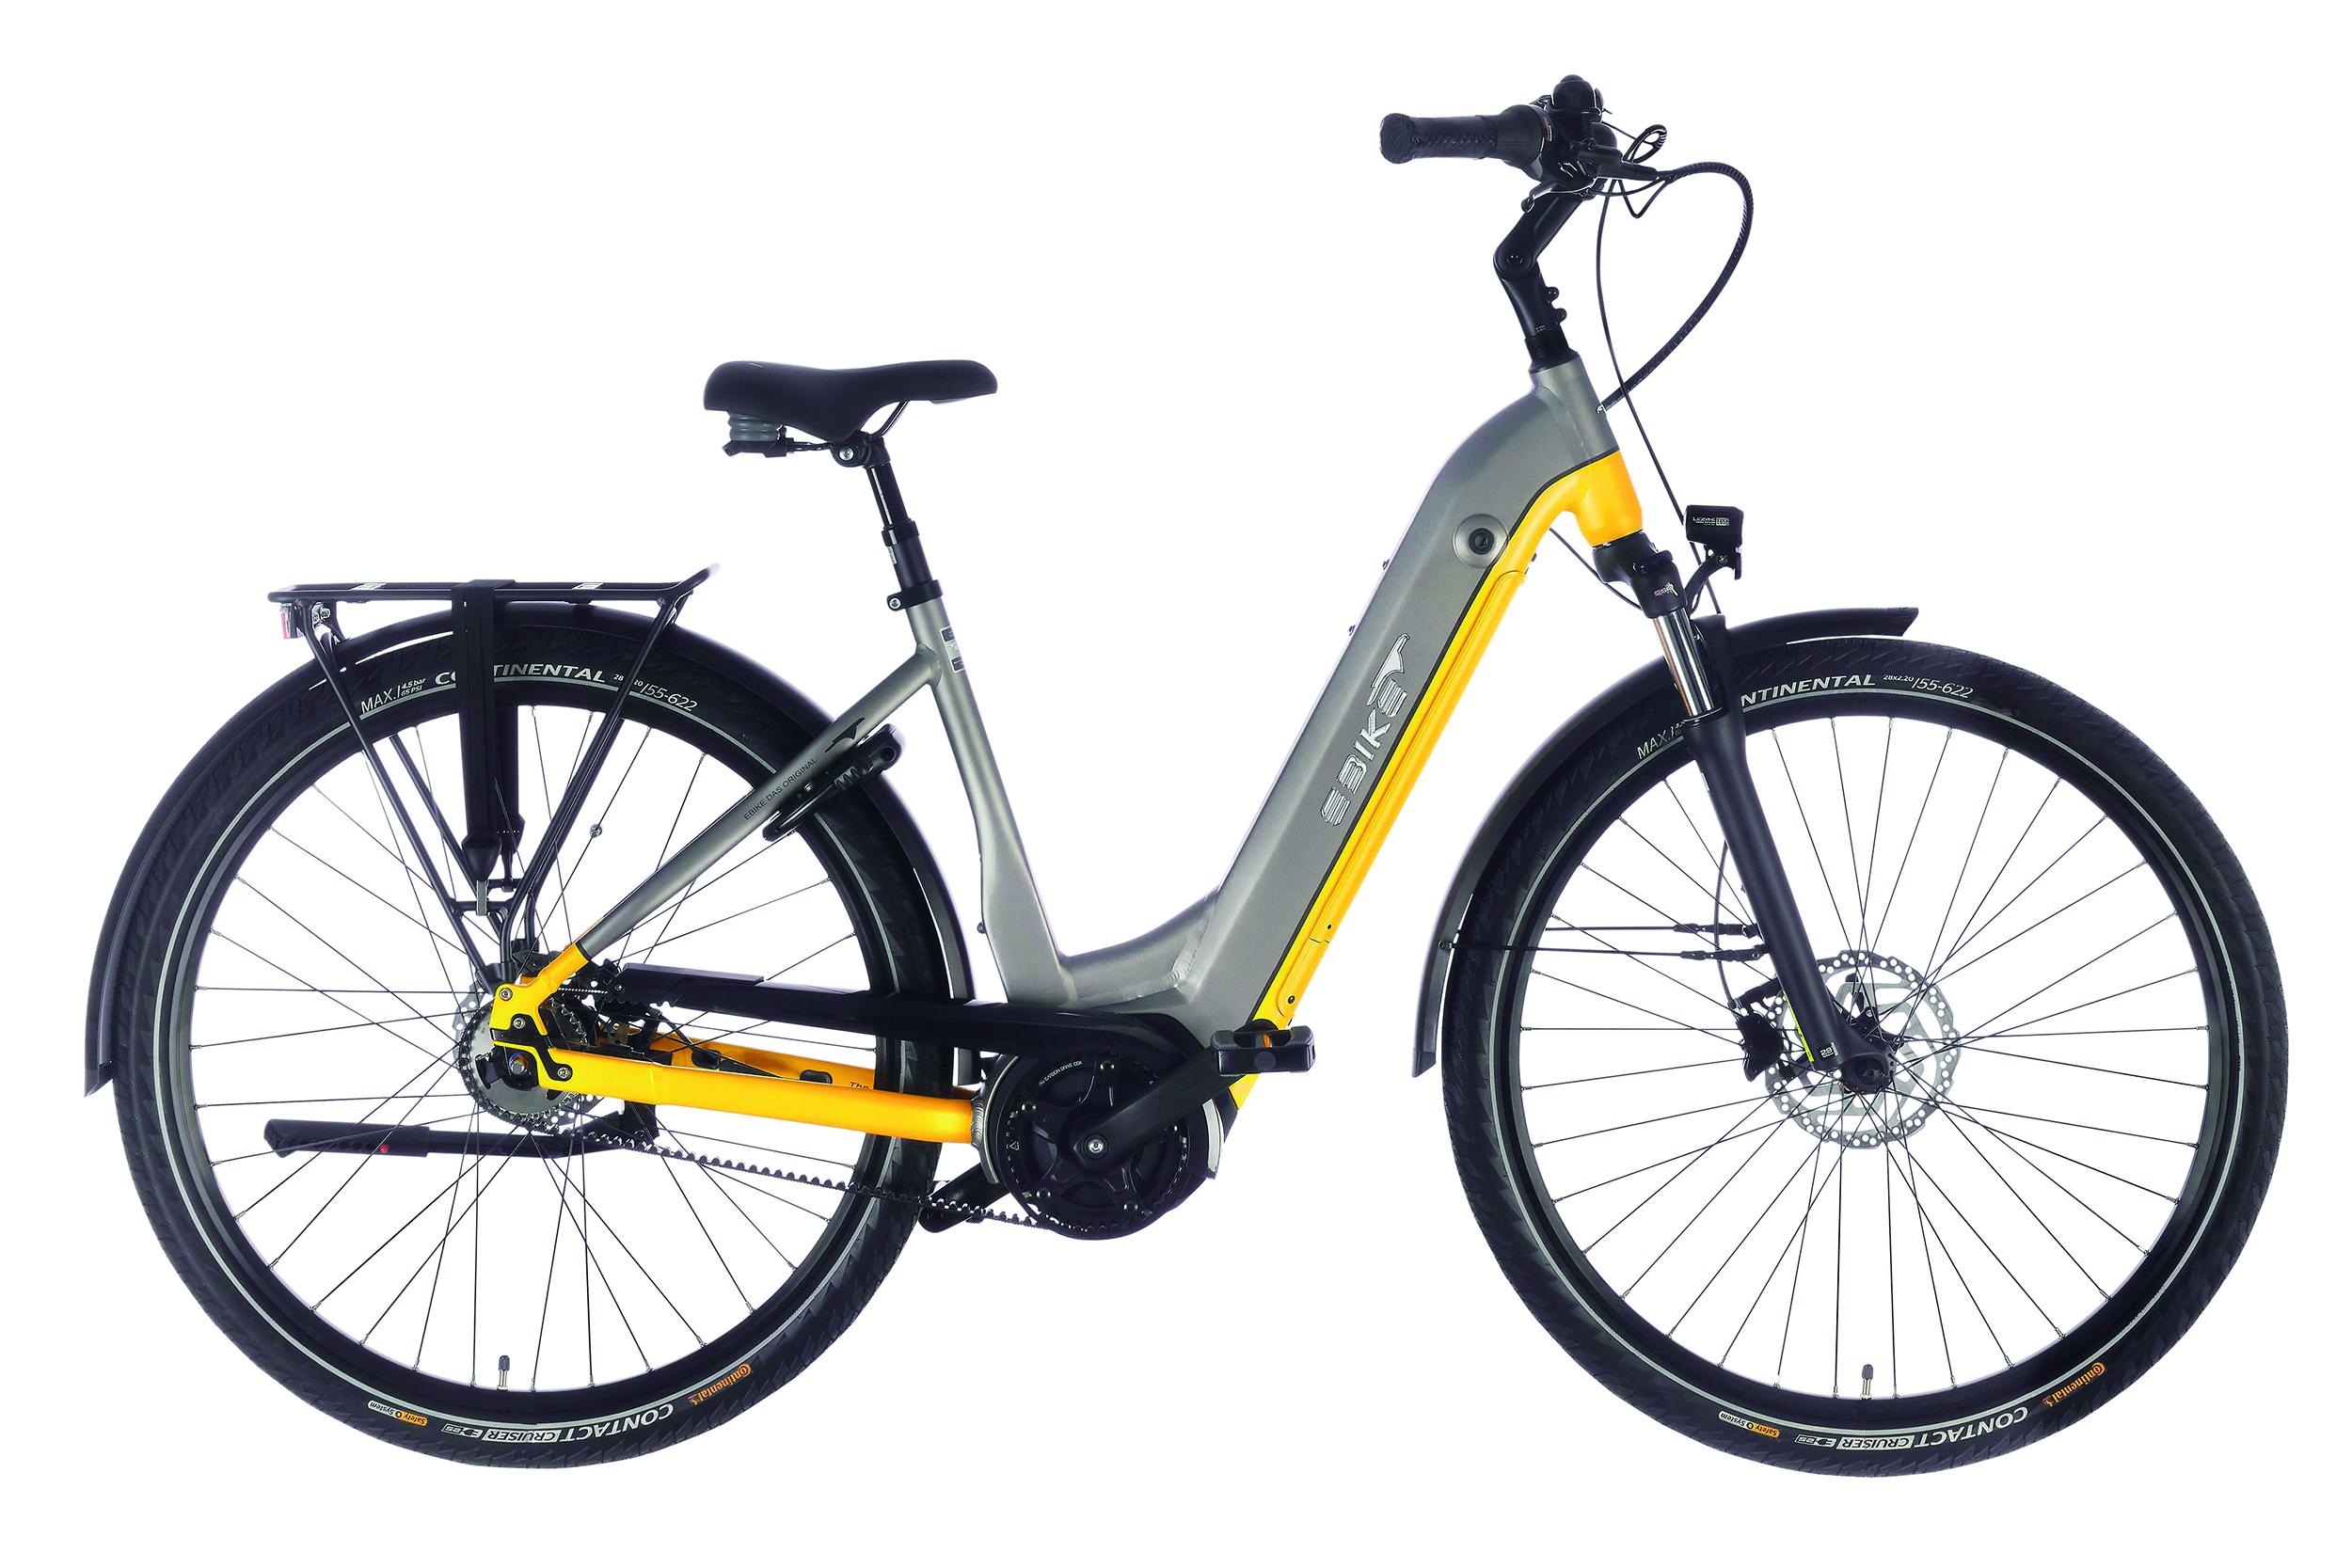 Ebike Das Original fietsen